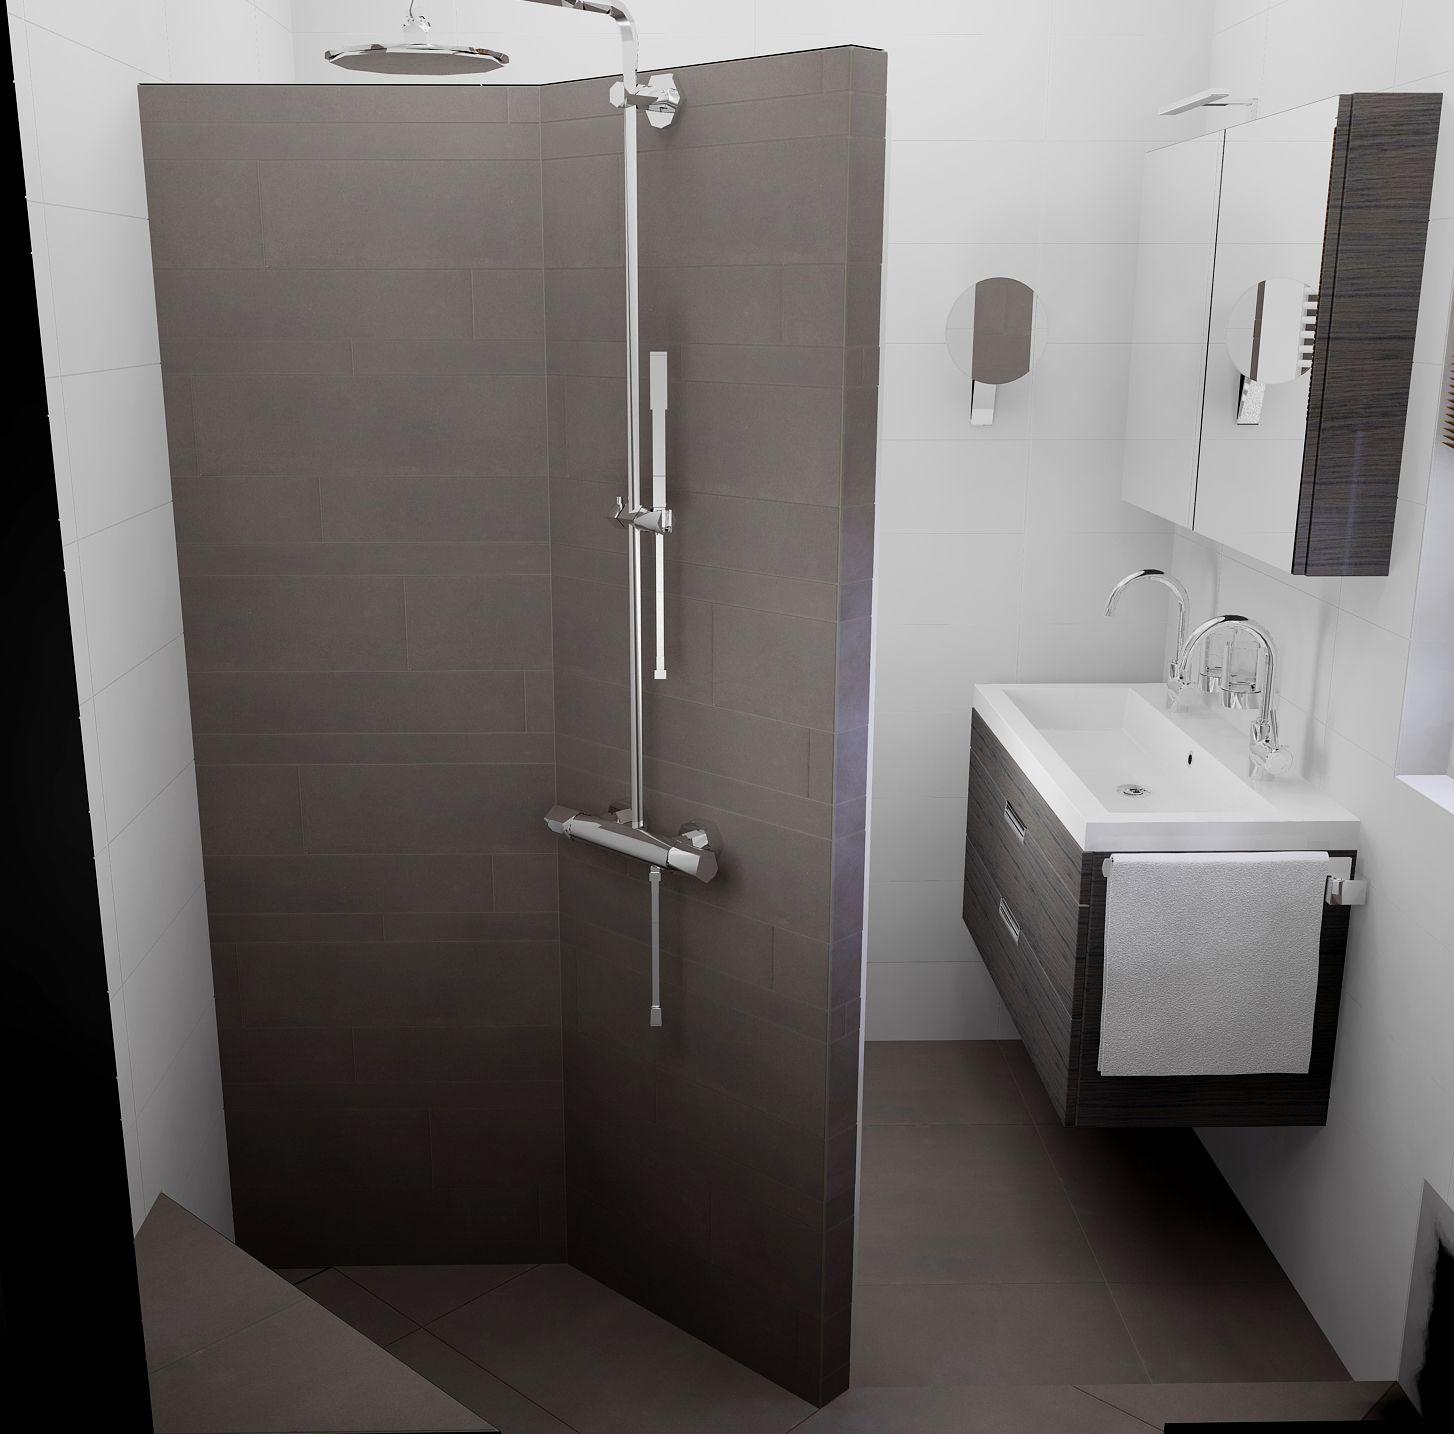 kleine badkamer van 200x187cm met inloopdouche gratis ontwerpen